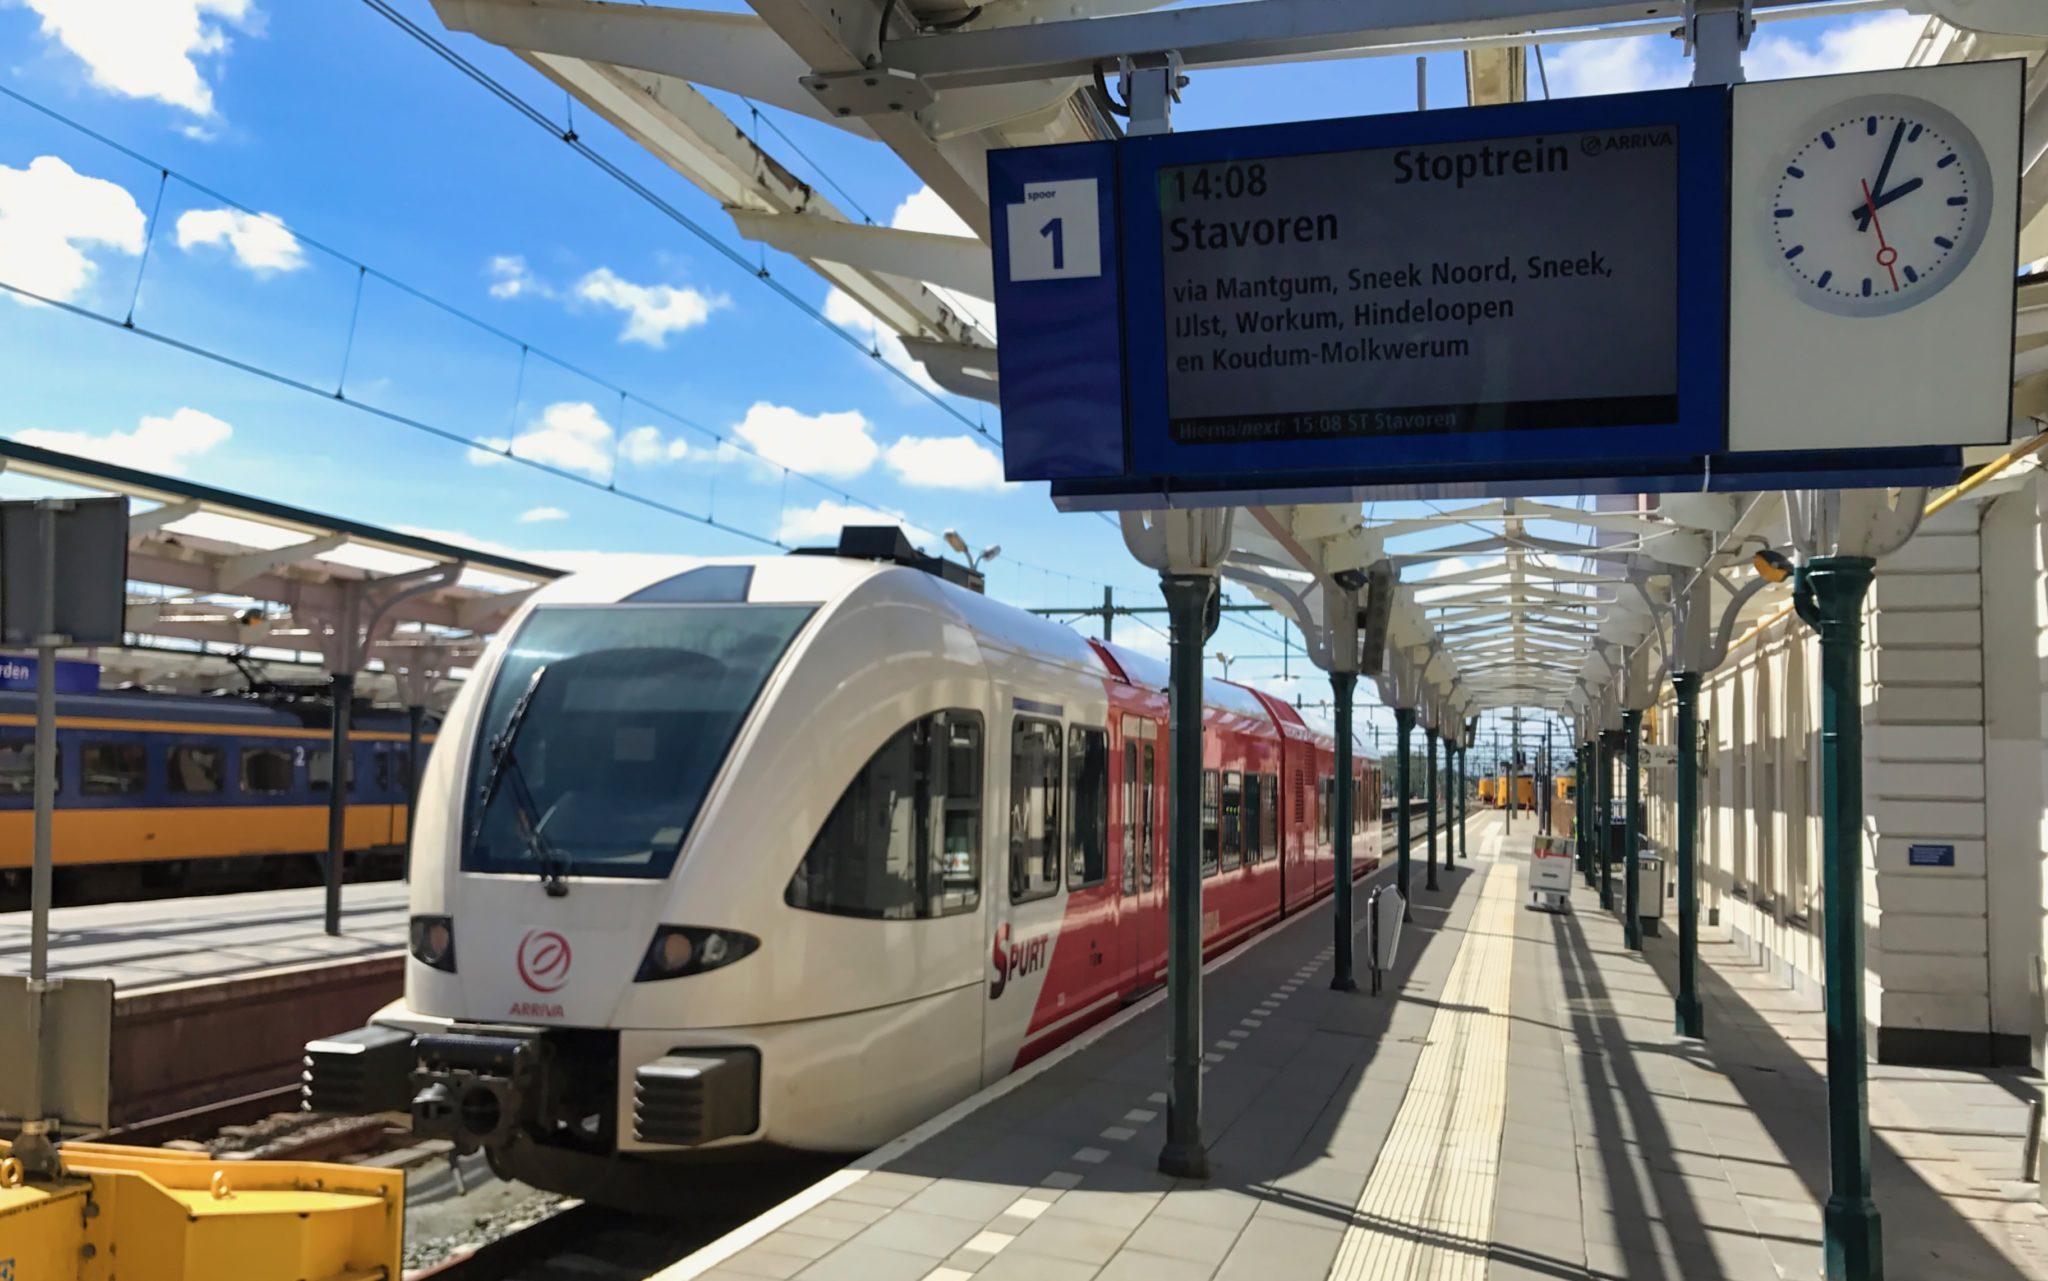 De Arriva trein tussen Leeuwarden en Stavoren. Deze stopt ook in Sneek